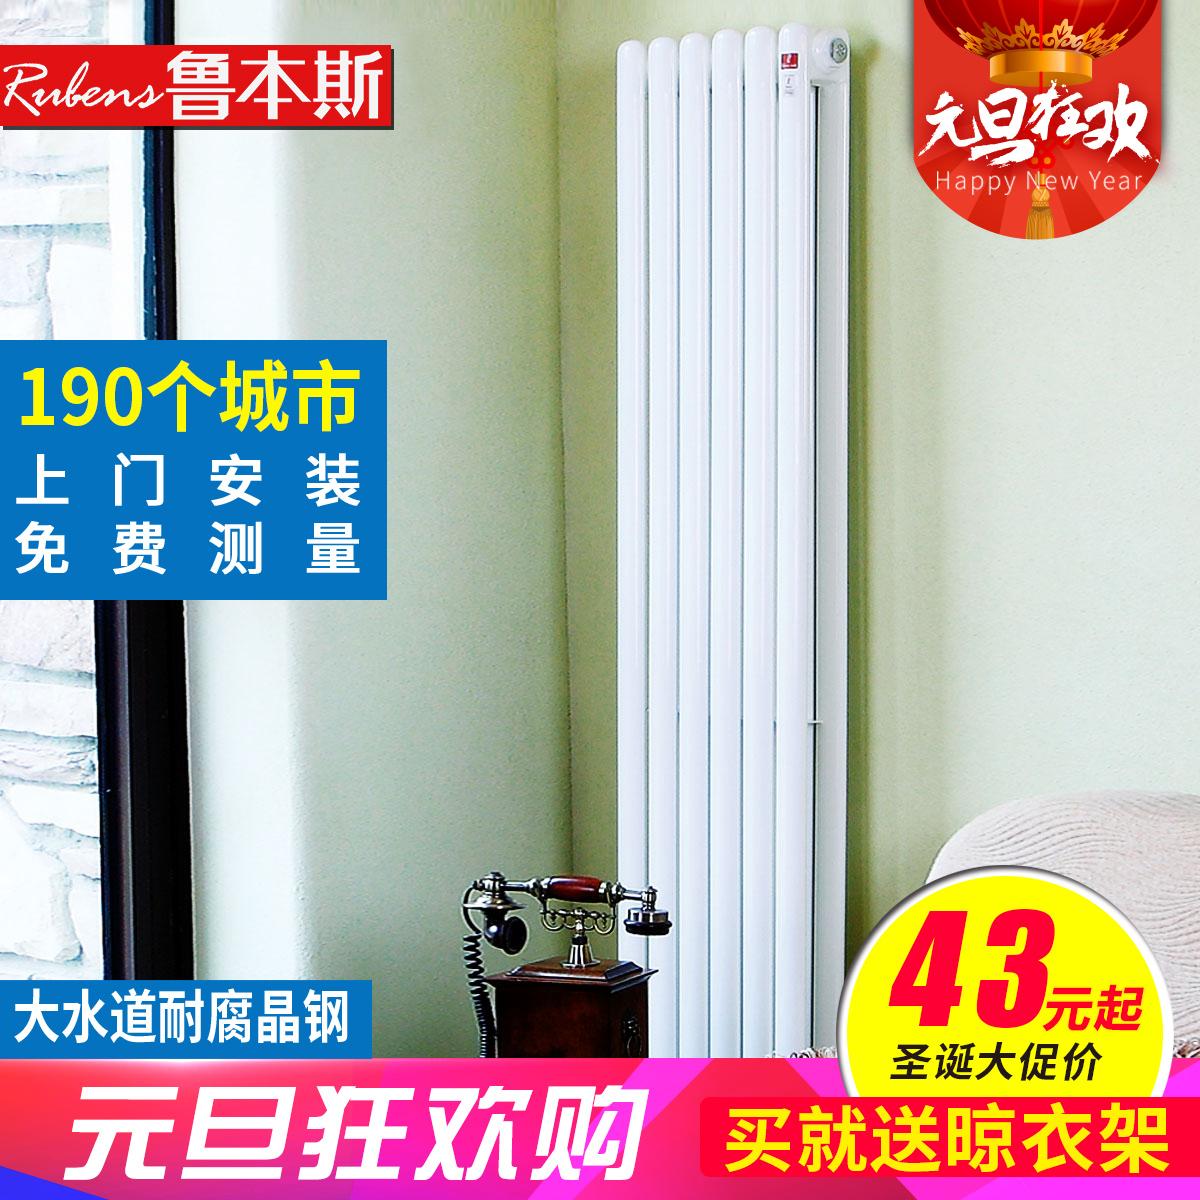 魯本斯鋼製暖氣片家用水暖壁掛式散熱器換熱器過水熱定製采暖3060